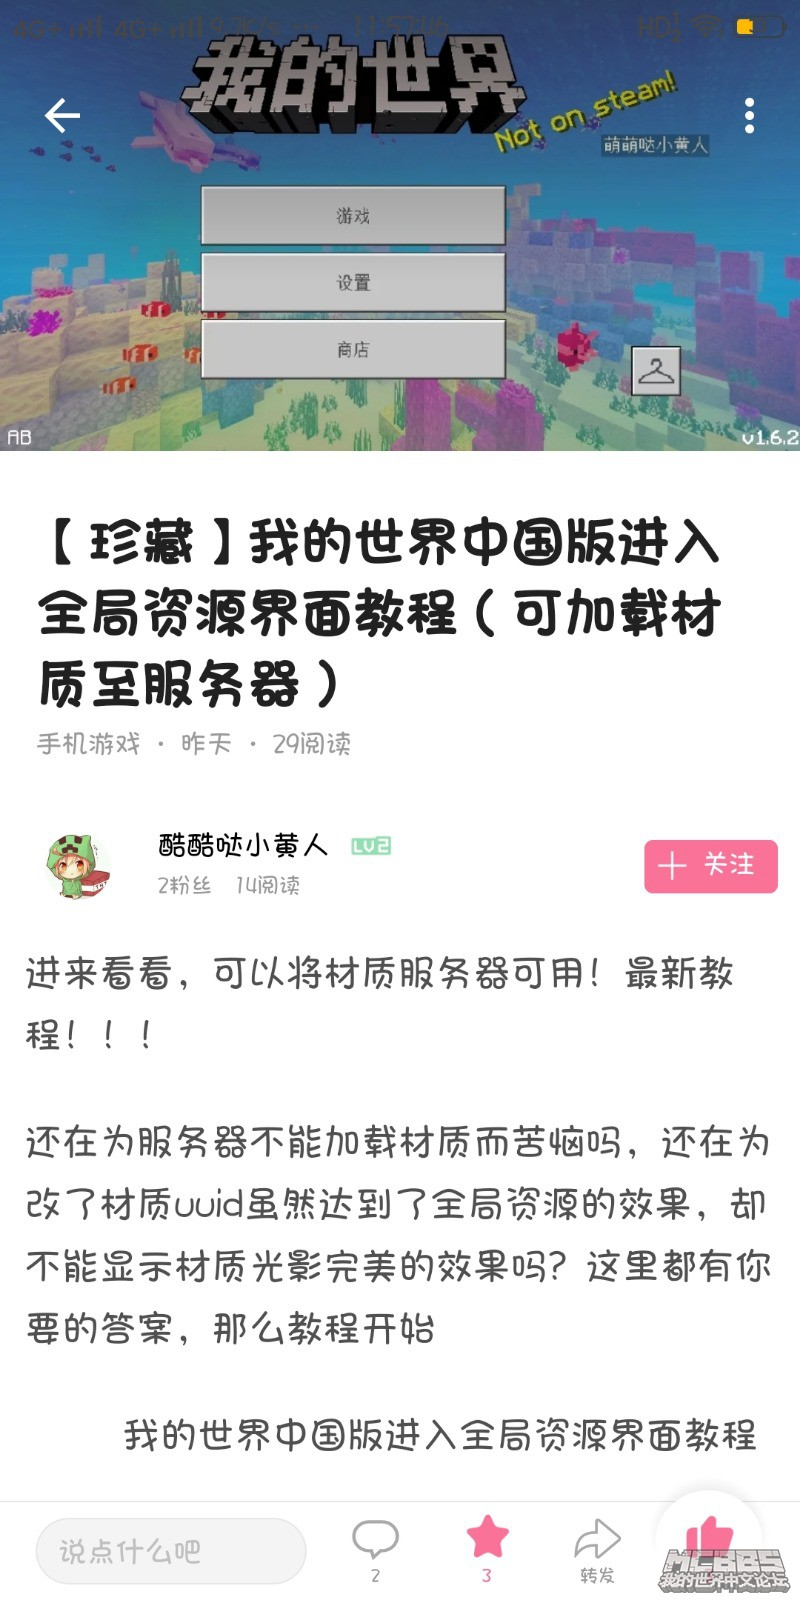 Screenshot_20181125_115746.jpg